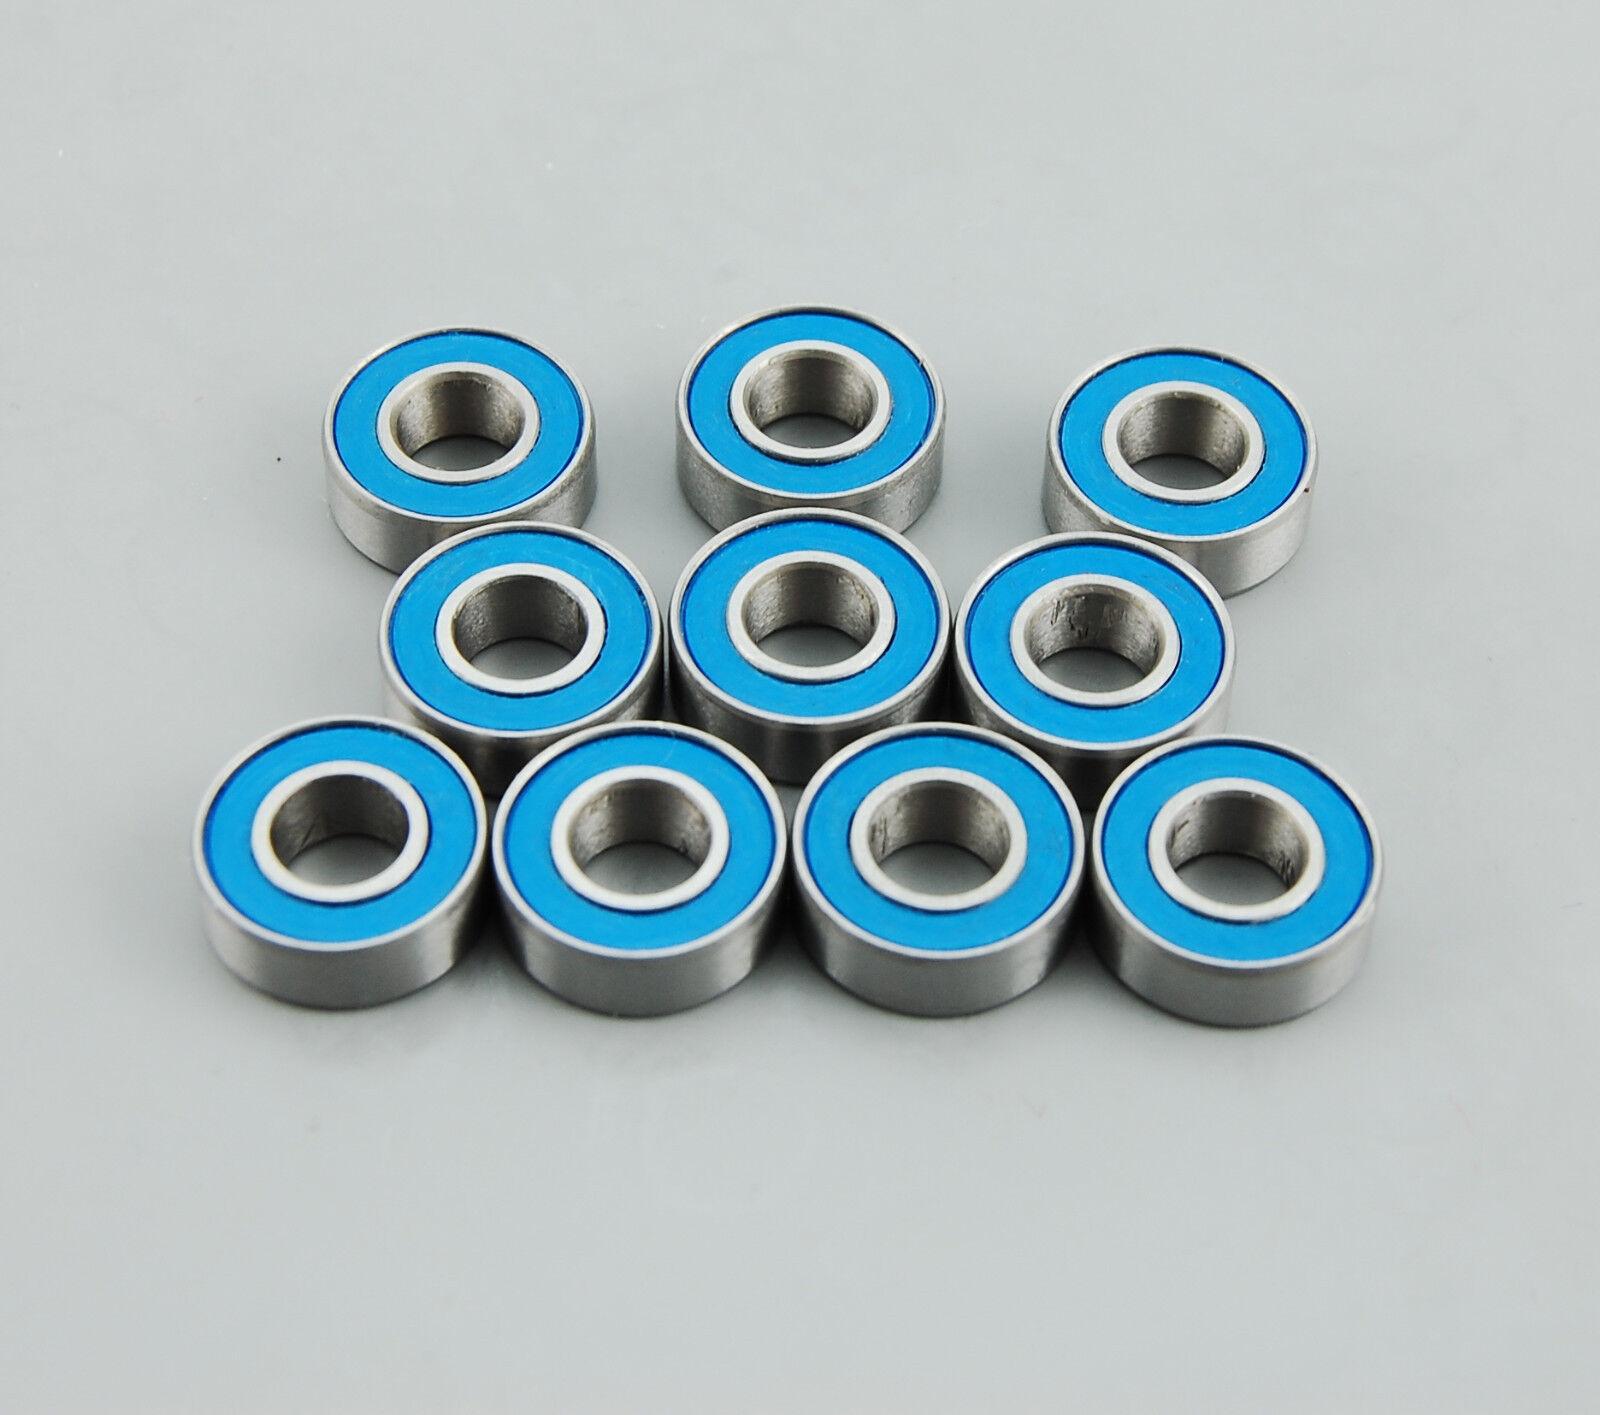 10 unidades RS rodamientos de bolas set 5x11x4mm con precinto de goma subalmacén de onda mr115-2rs